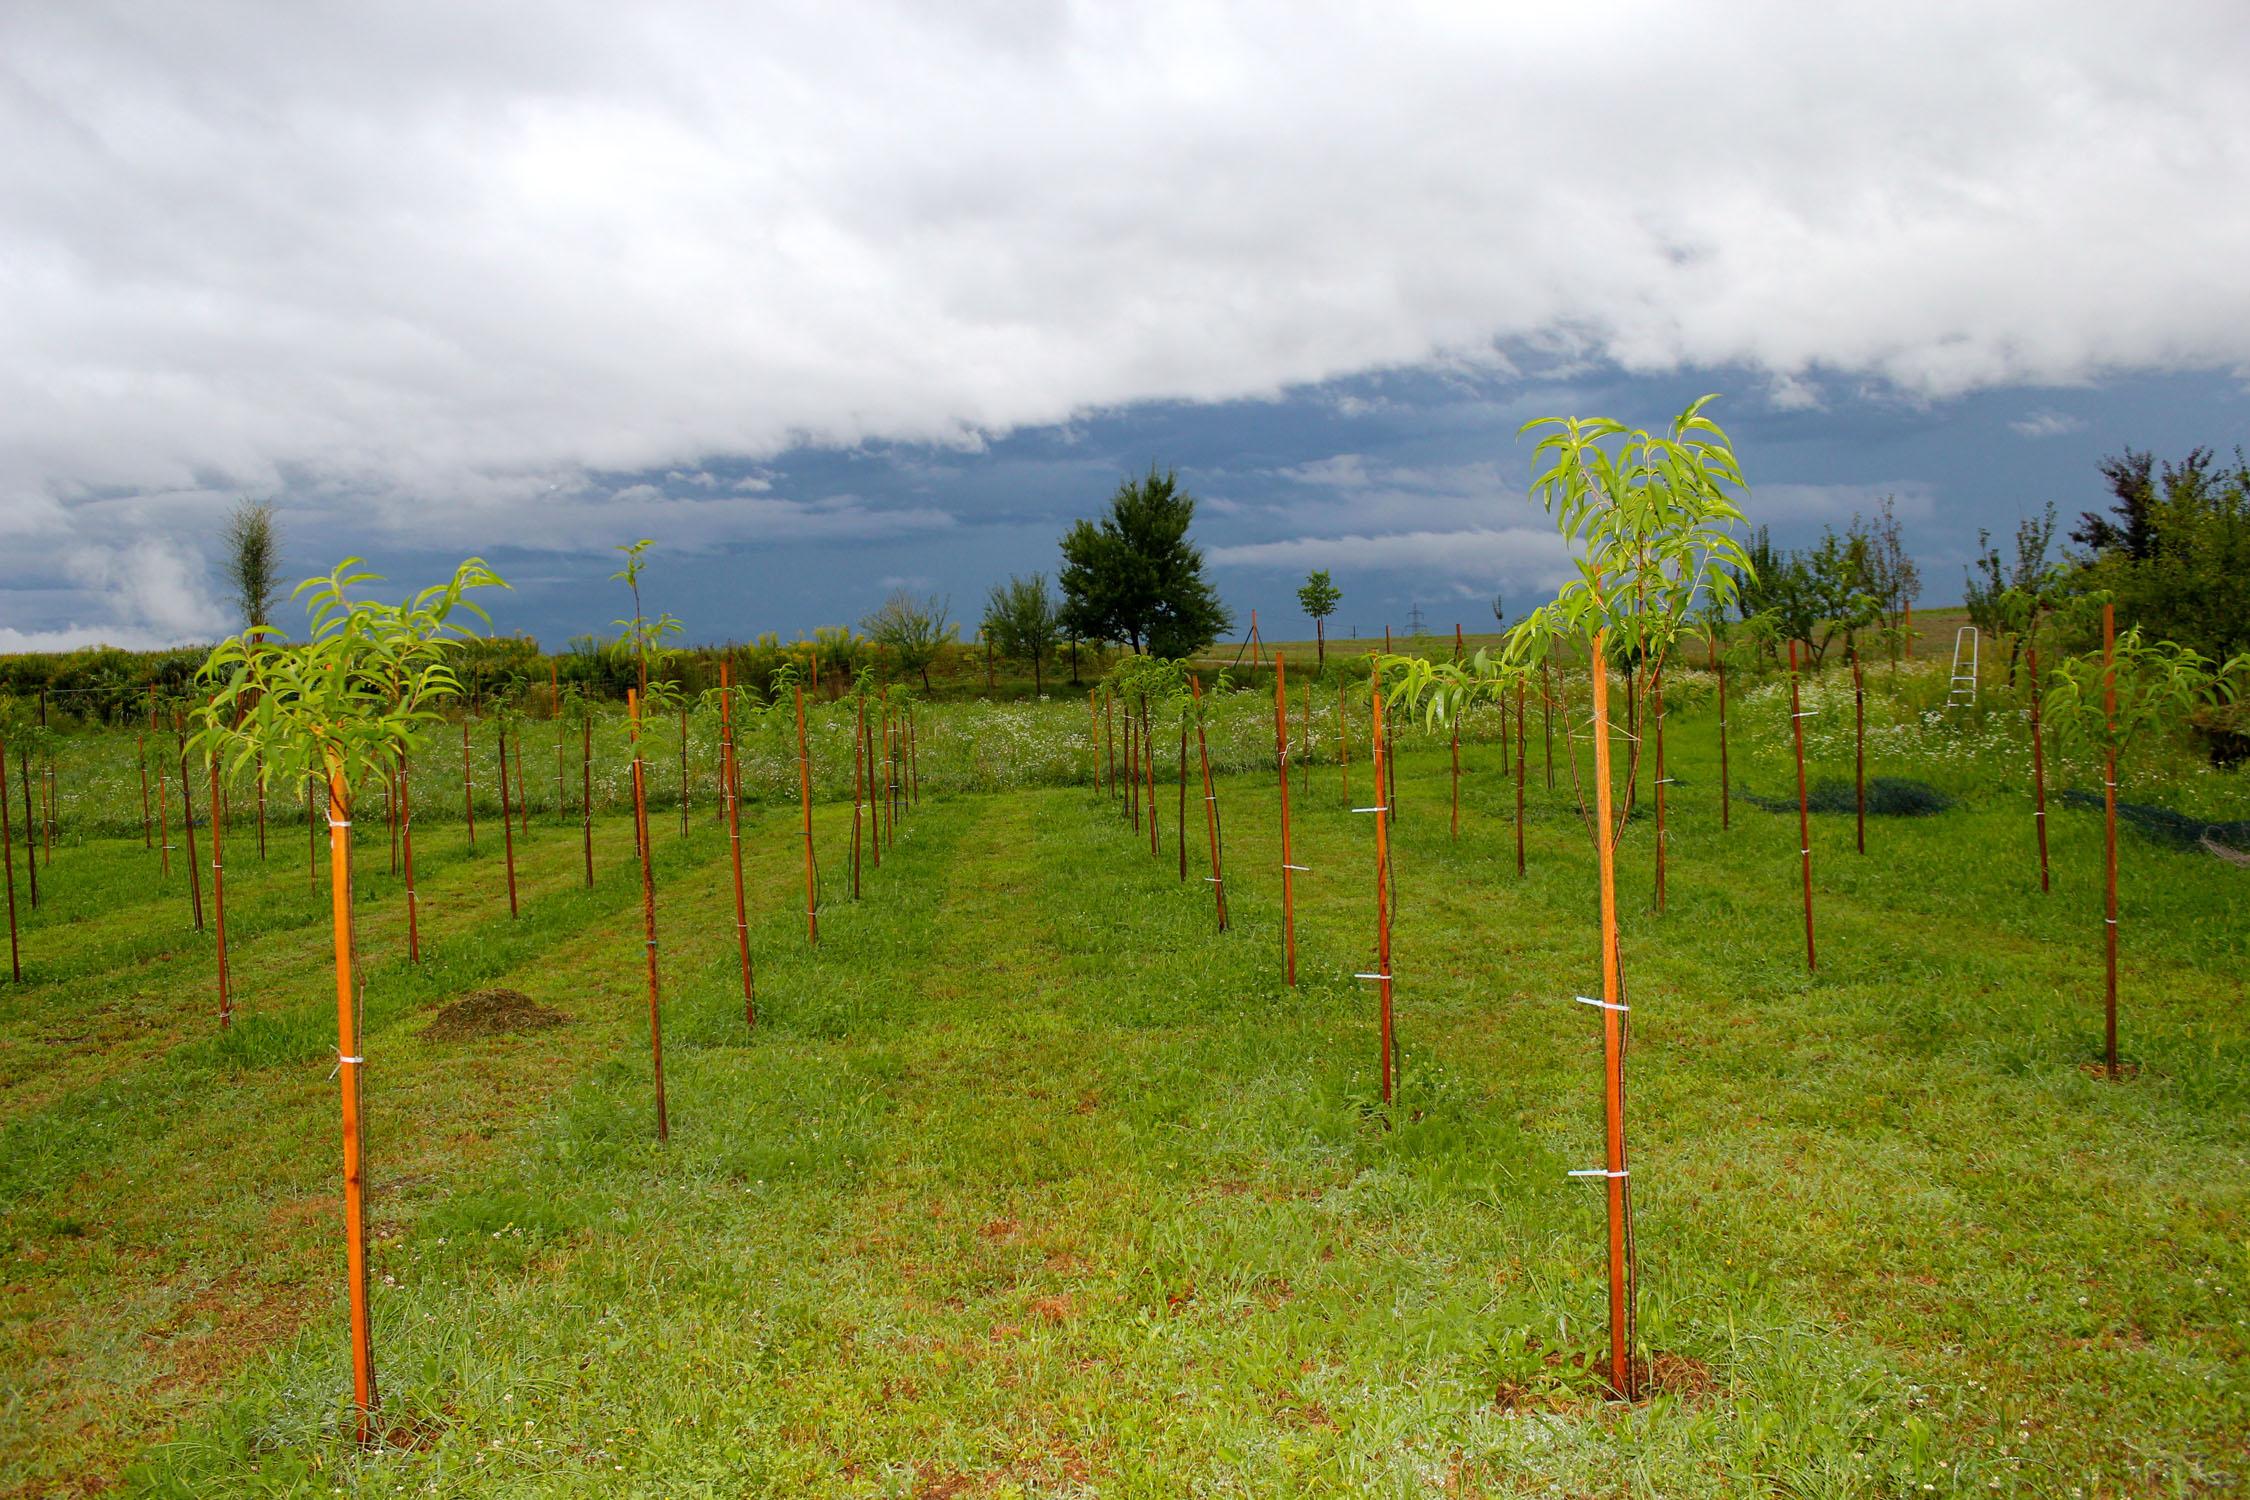 Weingartenpfirsichplantage_8005